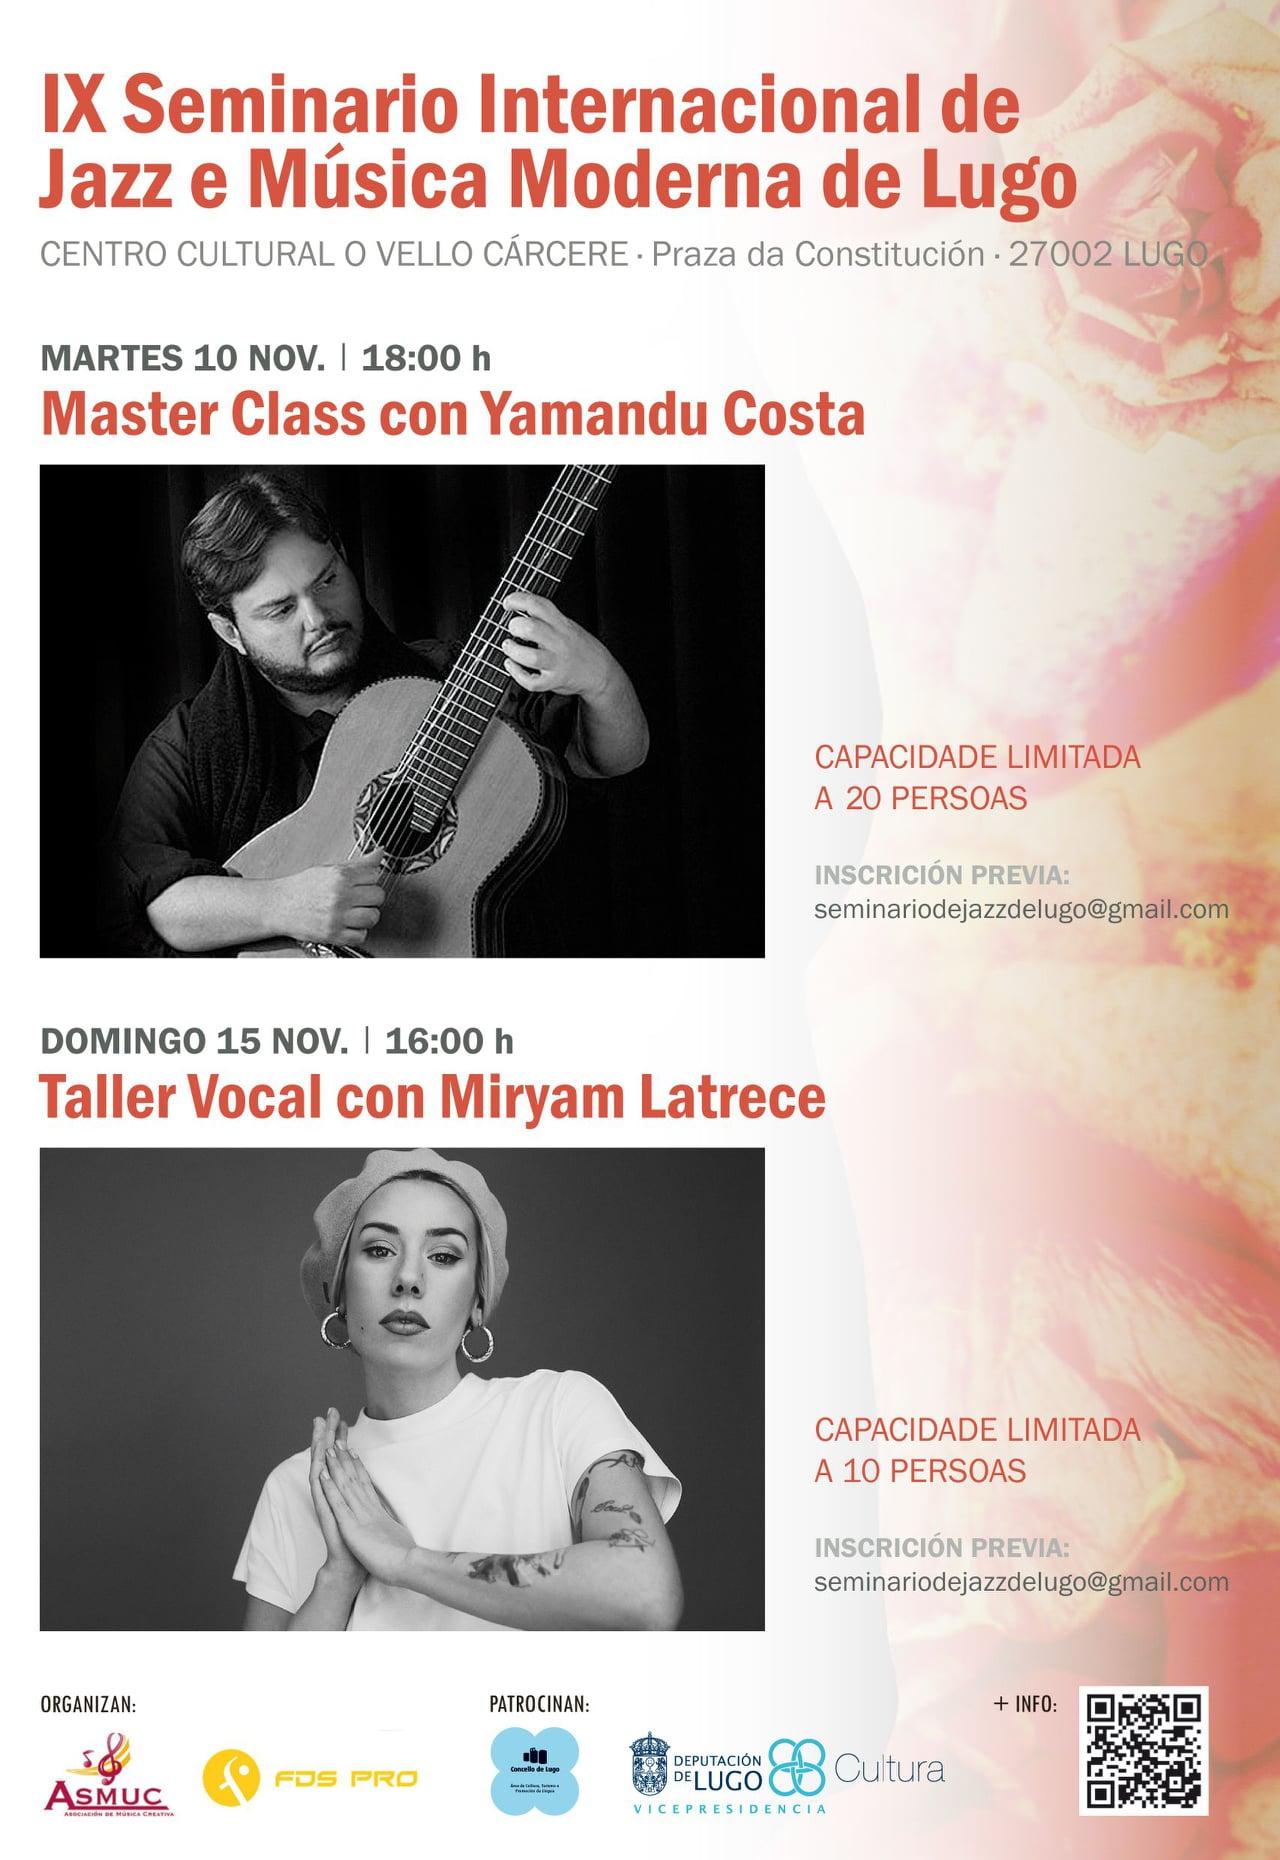 IX Seminario Internacional de Jazz e música Moderna de Lugo